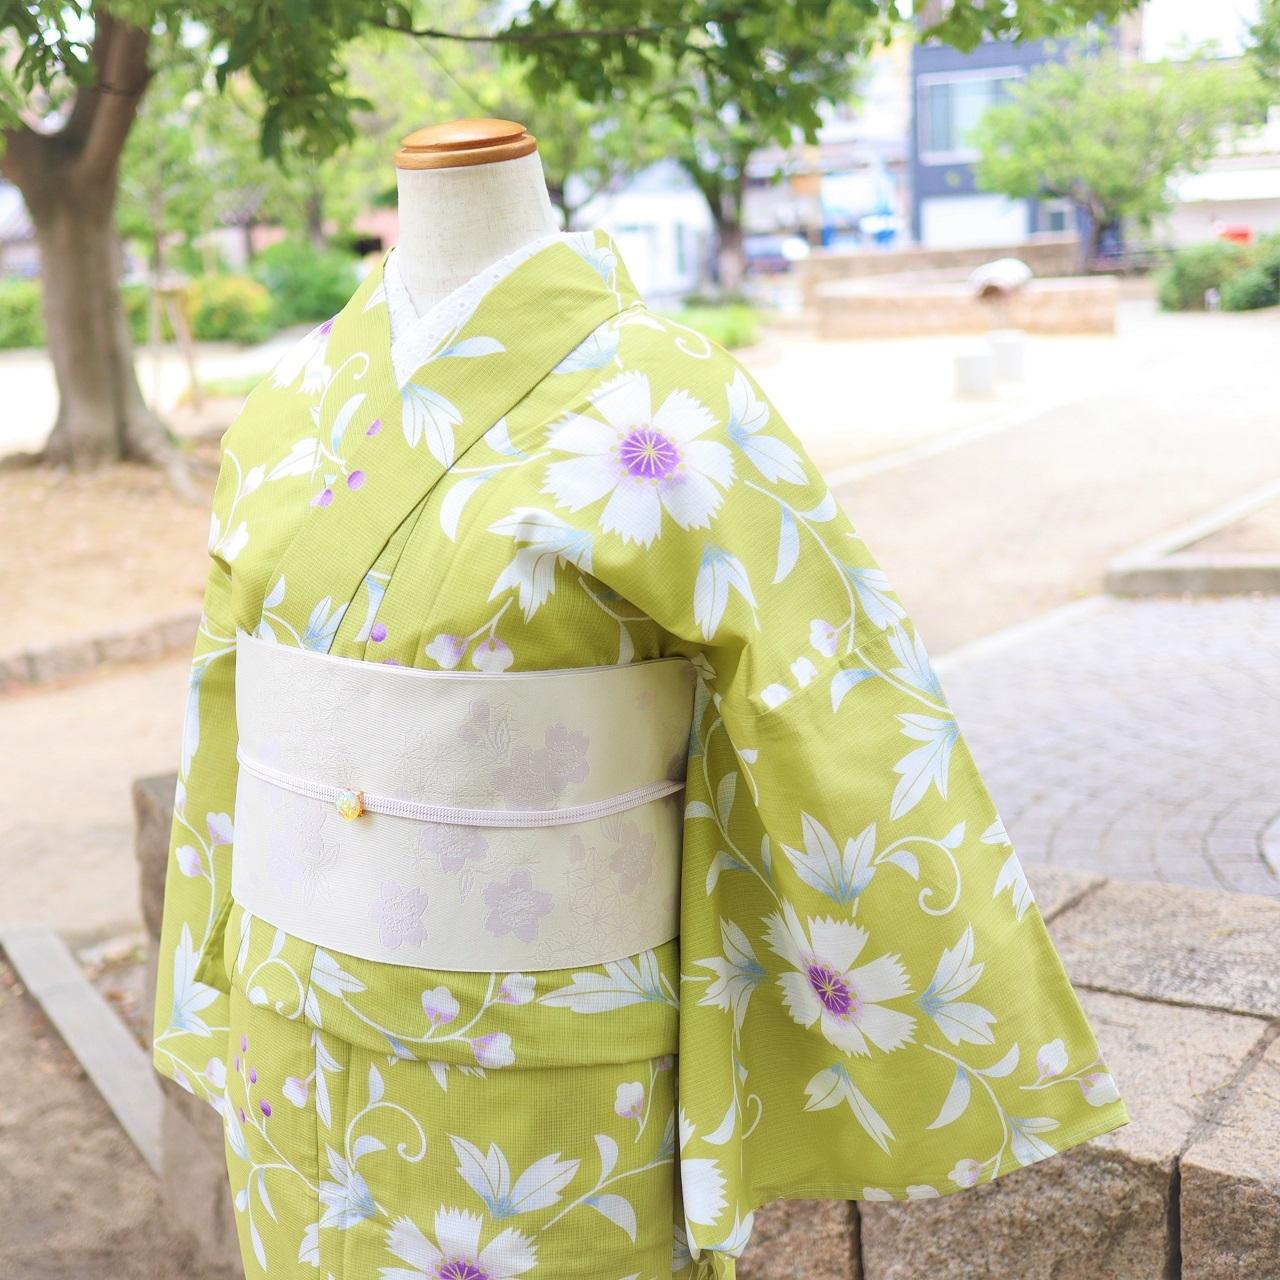 【浴衣 ゆかた すぐ着られる お仕立て上がり】速乾 形状記憶 綿  / 黄緑色 撫子